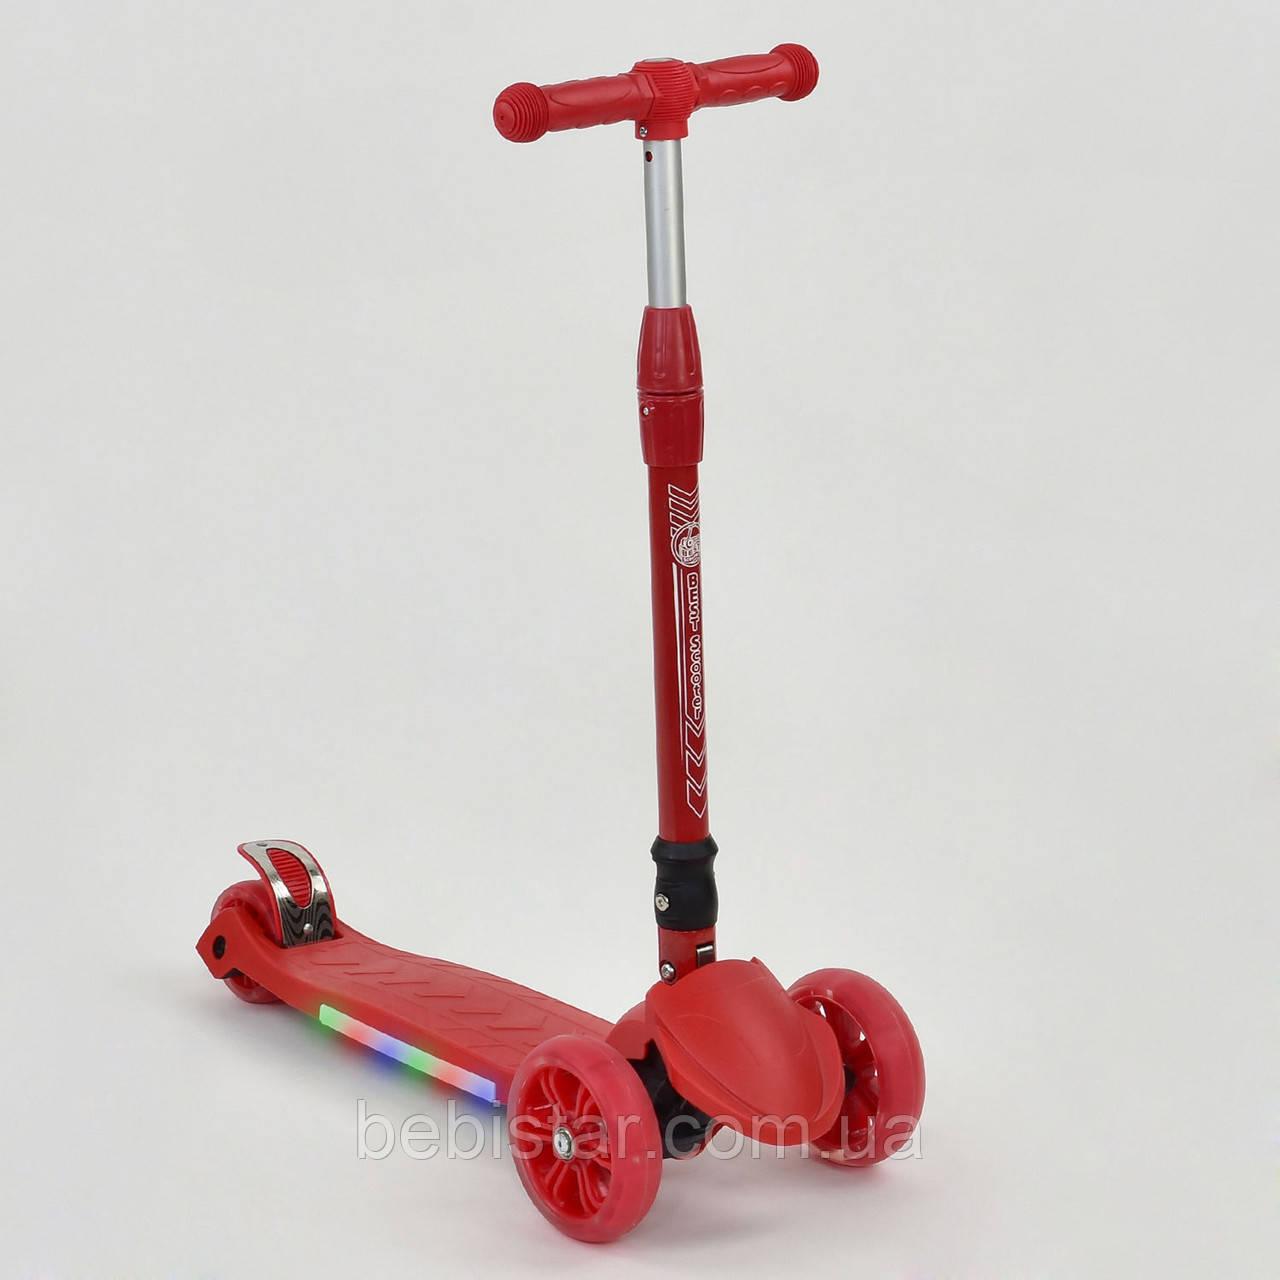 Самокат детский складной красный со светящимися колесами и подсветкой платформы Best Scooter - фото 1